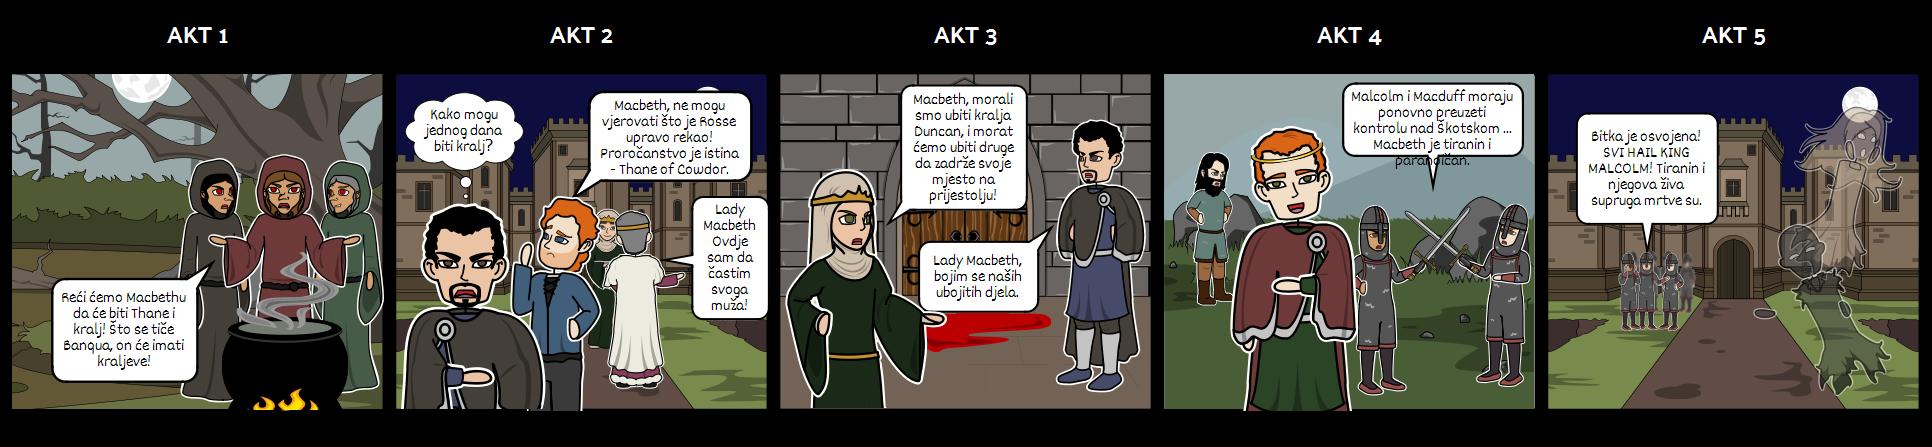 Macbeth 5 Structureboard Stručna Struktura